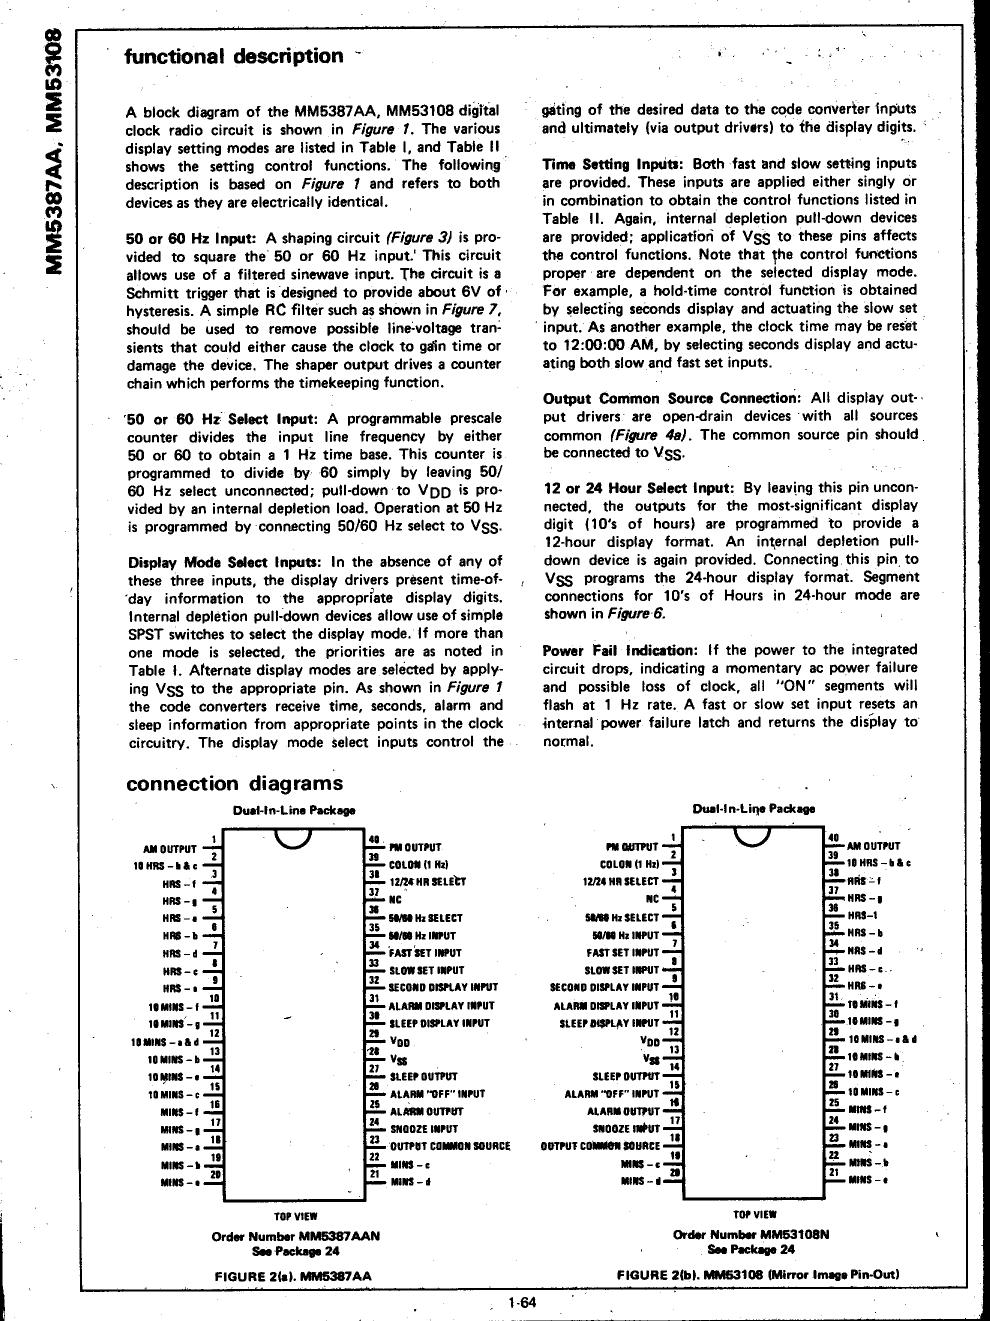 MM53108 pdf, 電子部品, 半導体, ピン配列